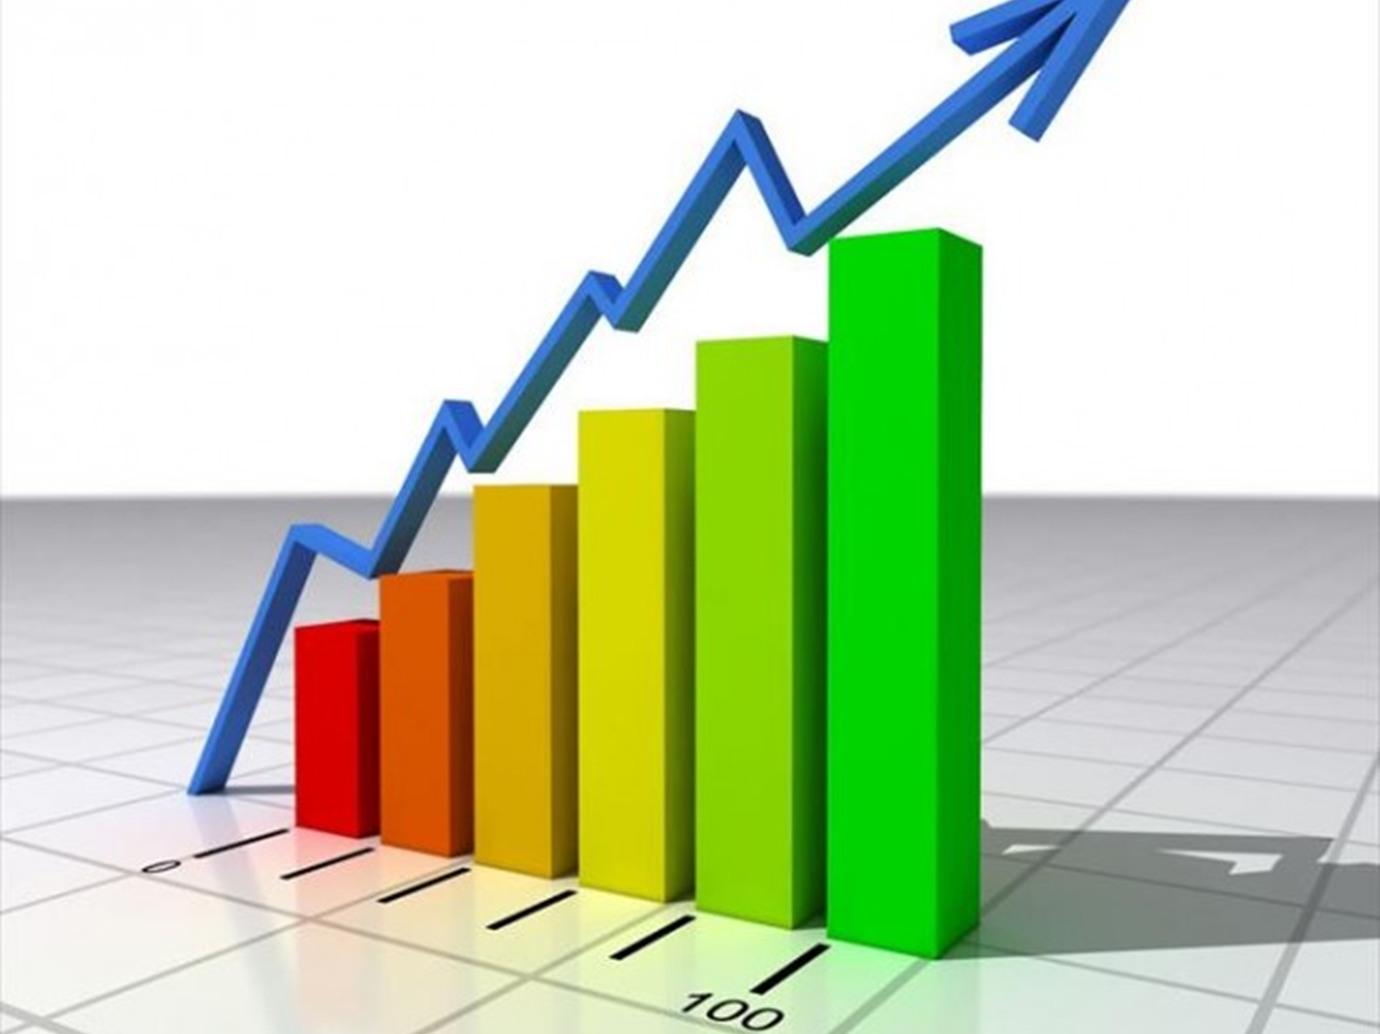 البنك المركزي يتوقع ارتفاع نسبة التضخم الى 7.6 %